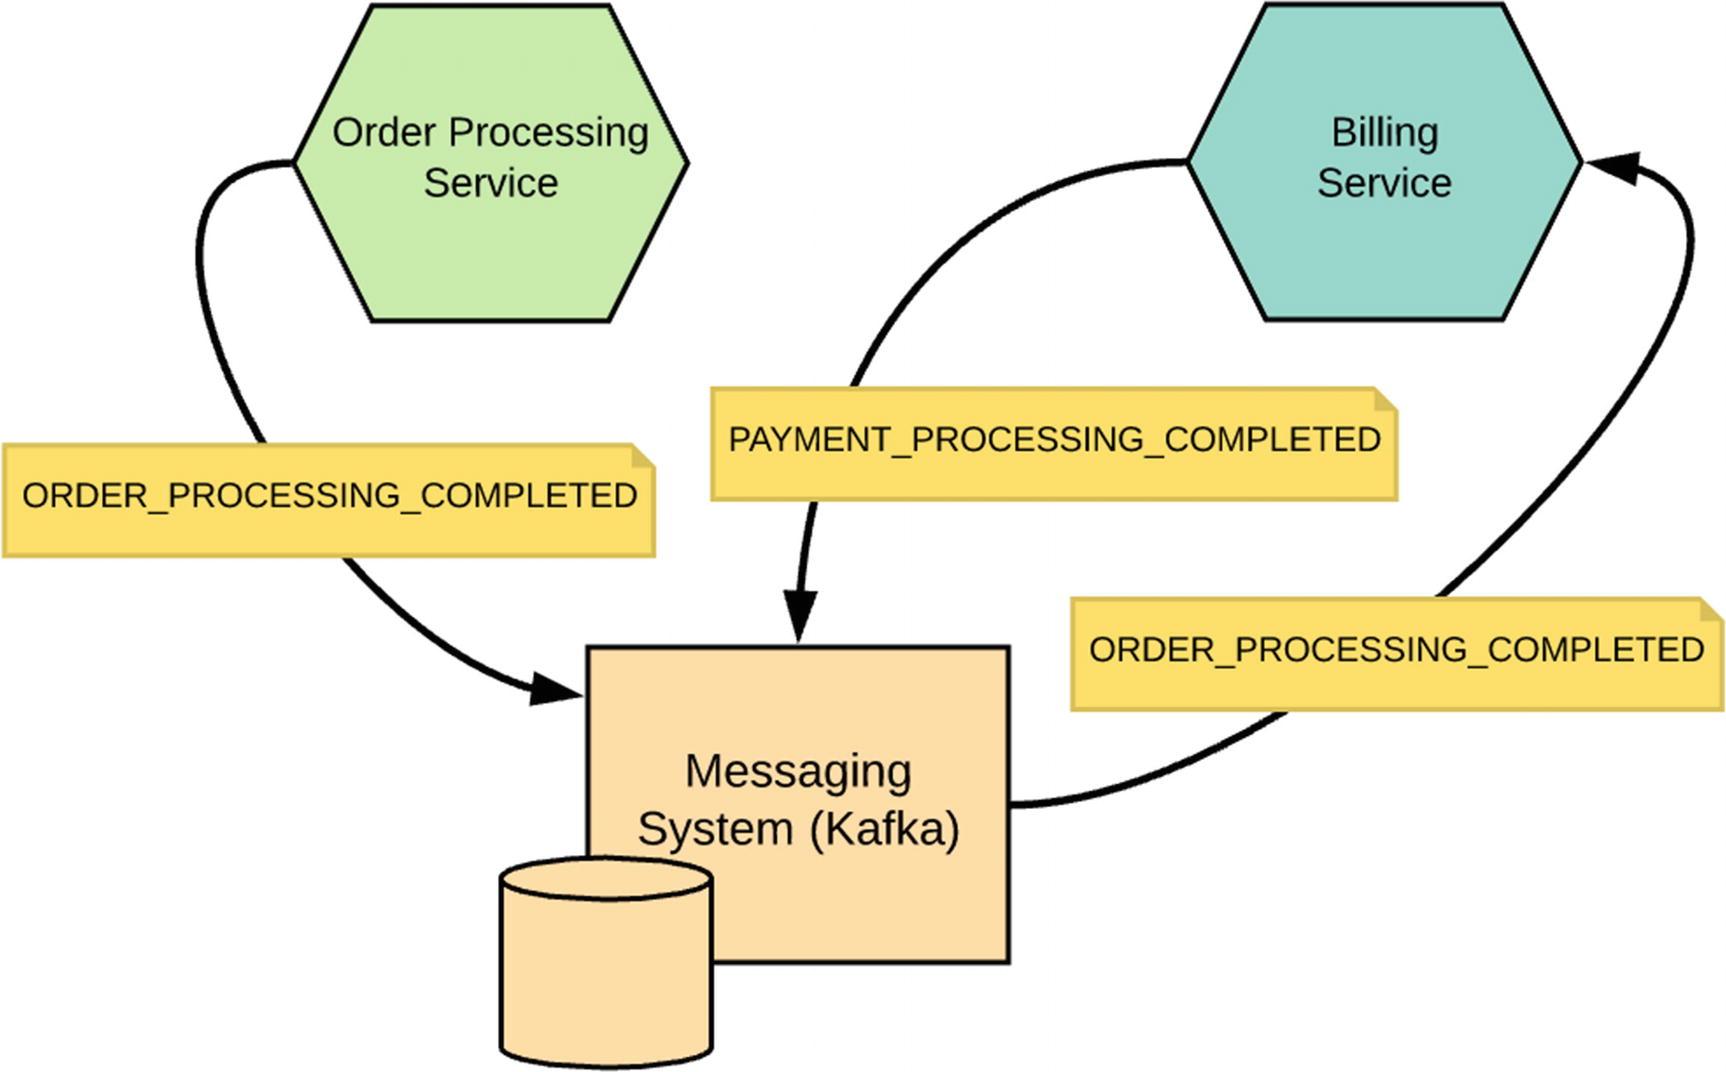 Developing Services | SpringerLink